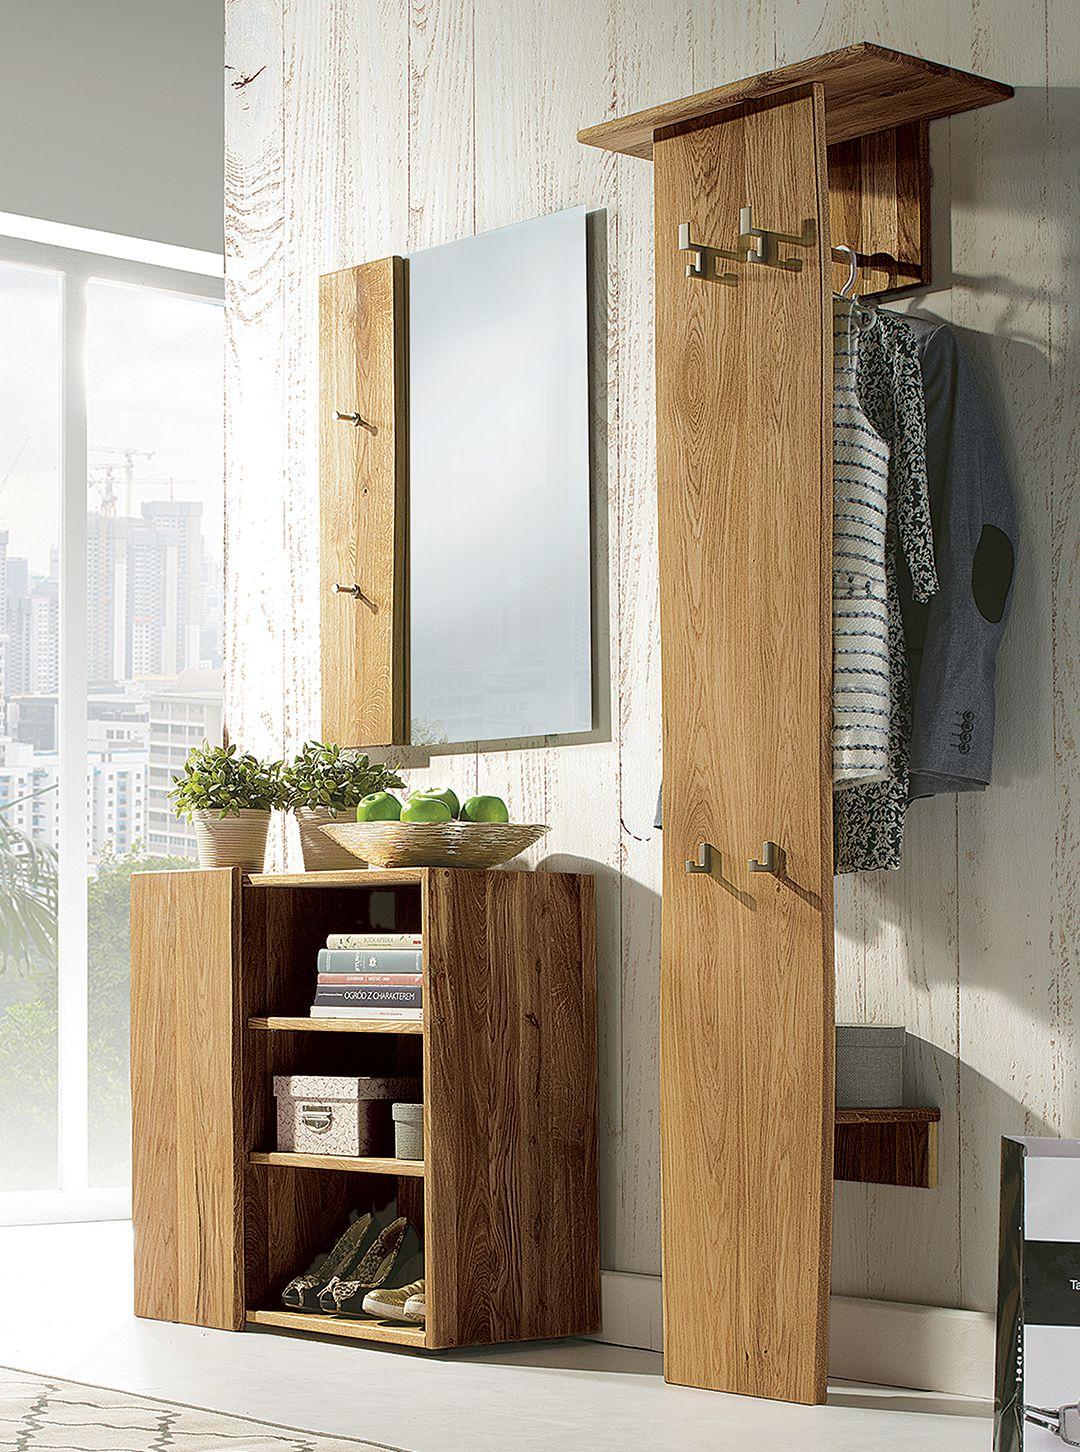 Garderobe Loca In 2020 Garderoben Eingangsbereich Garderobe